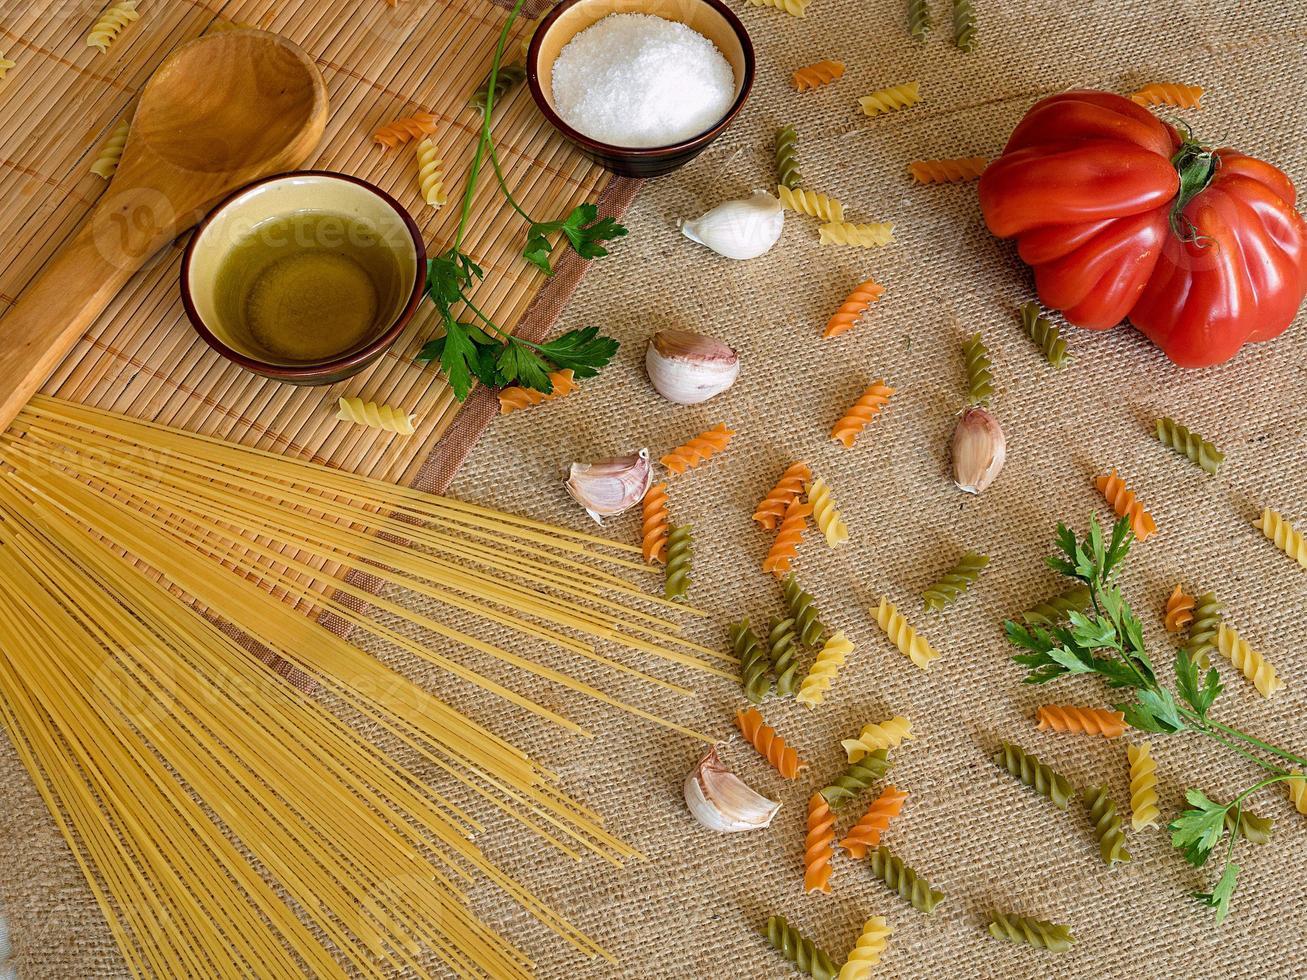 espaguetis secos crudos sobre una superficie rústica con tomate, ajo, foto